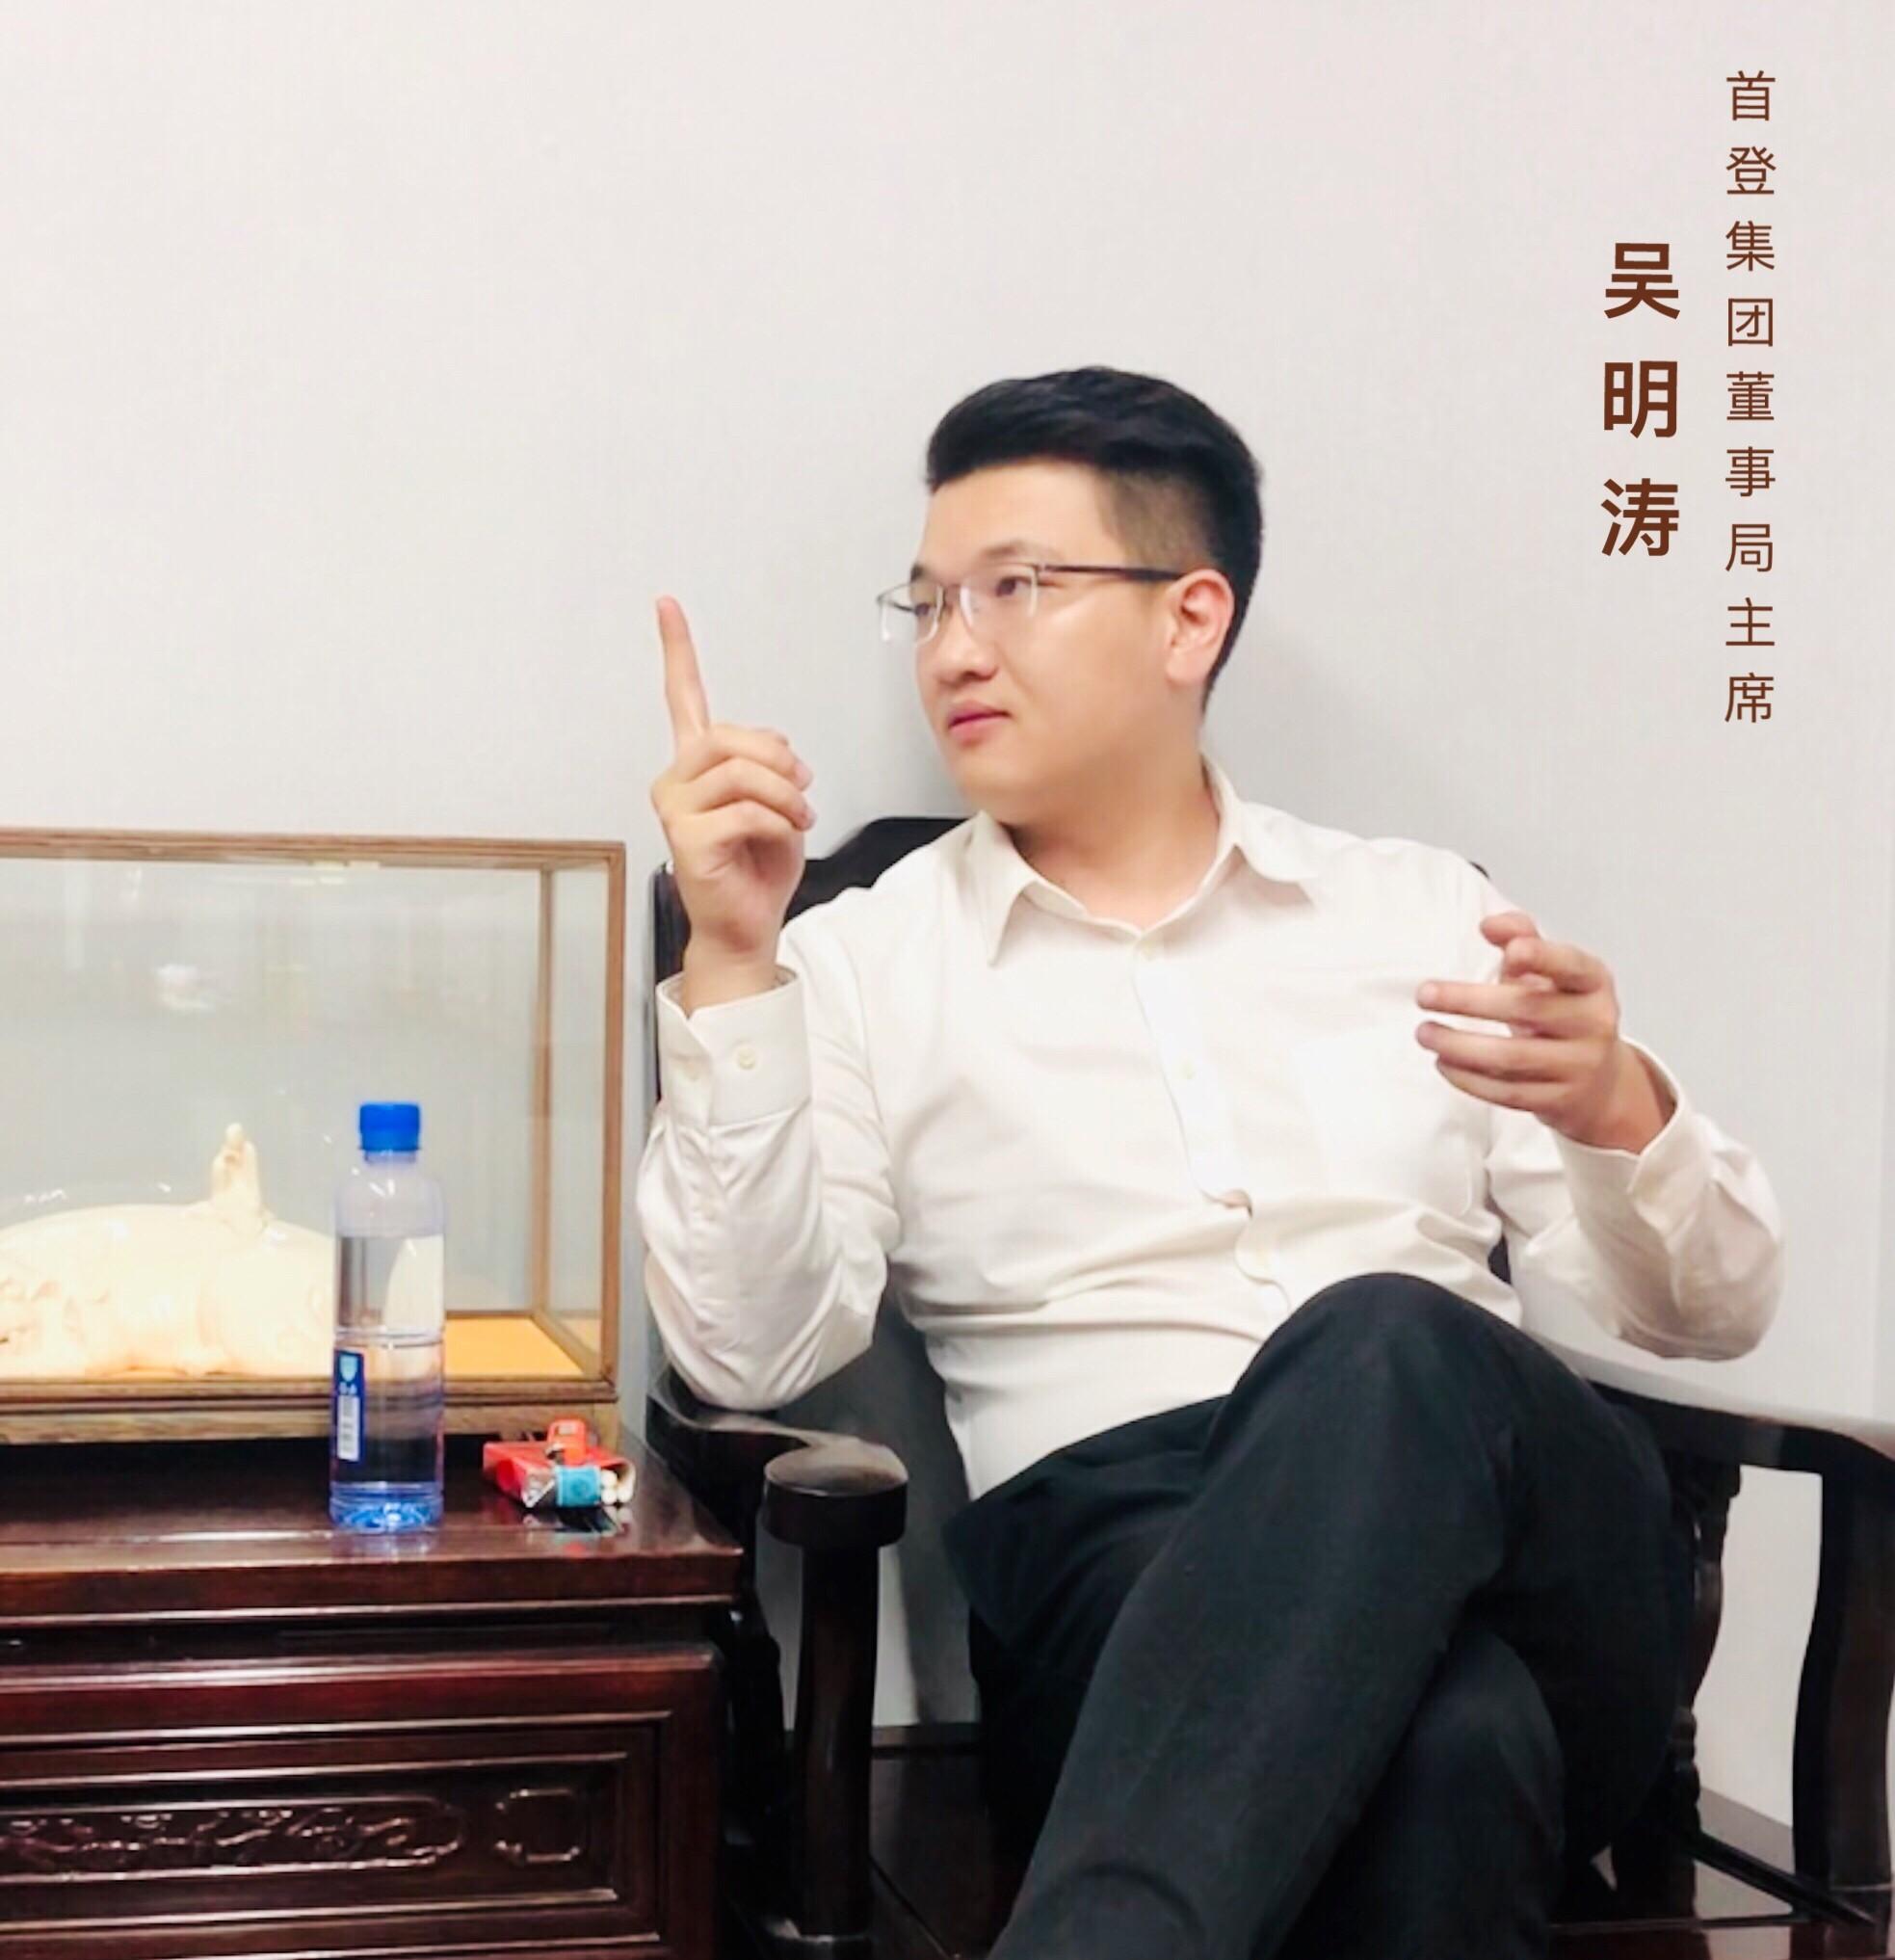 首登吴明涛:责任为船 梦想为舵 勤奋为帆